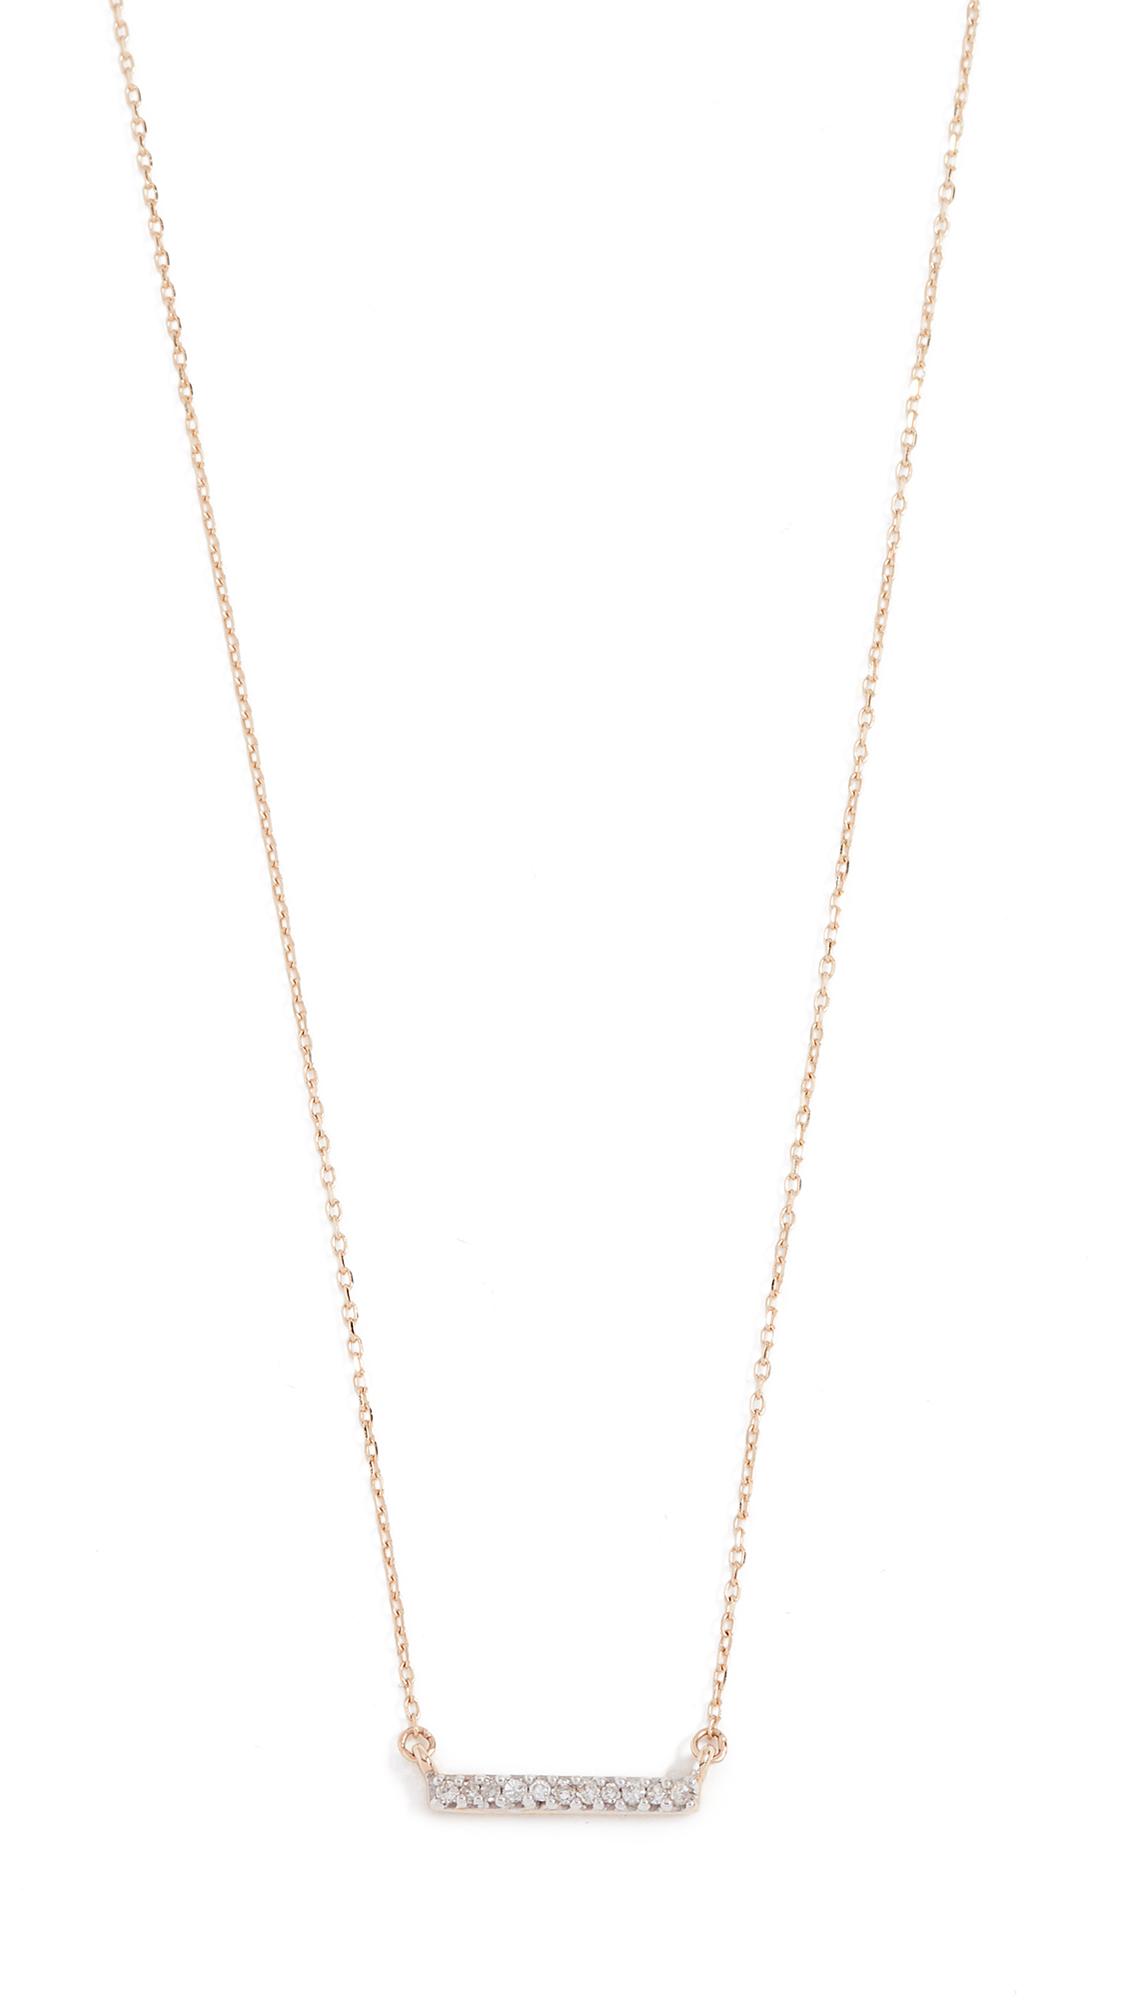 Adina Reyter 14k Gold Pave Bar Necklace - Gold